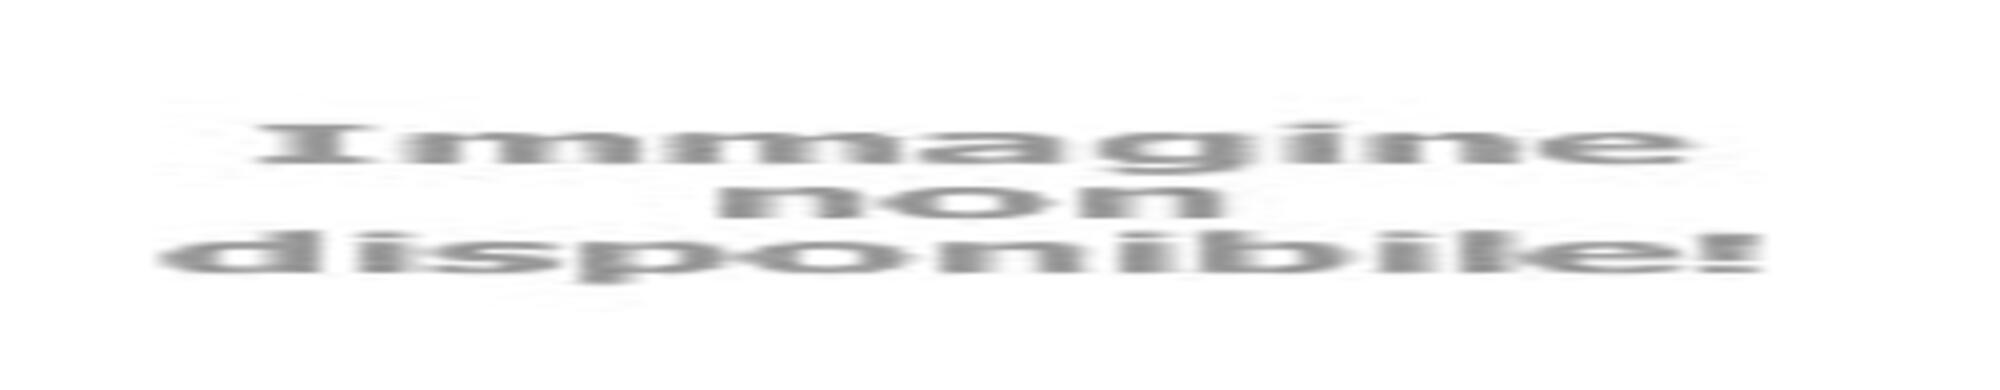 Wellness Fiera Rimini 28-31 Maggio 2015